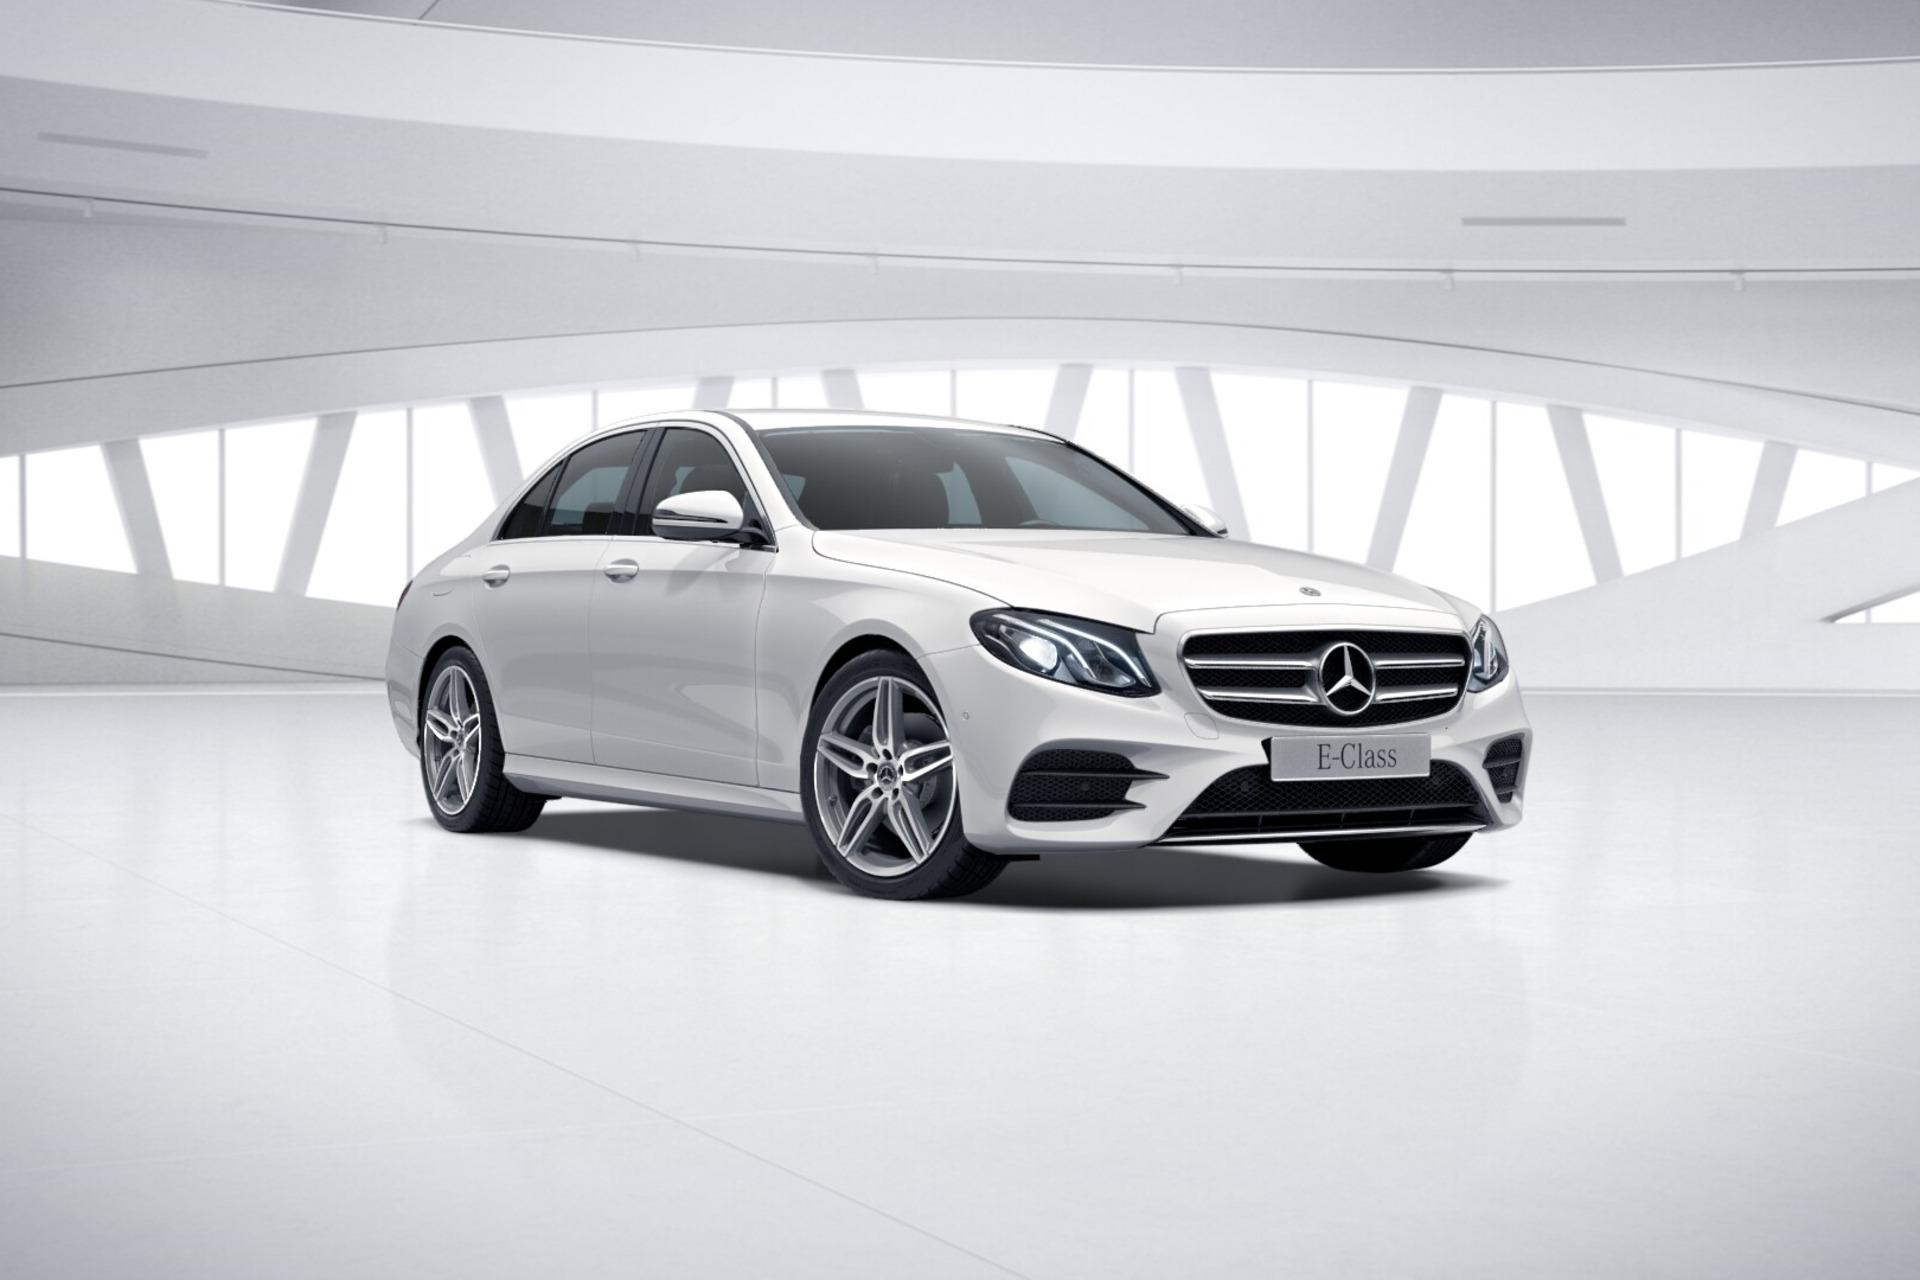 Mercedes-Benz E 180 952611376